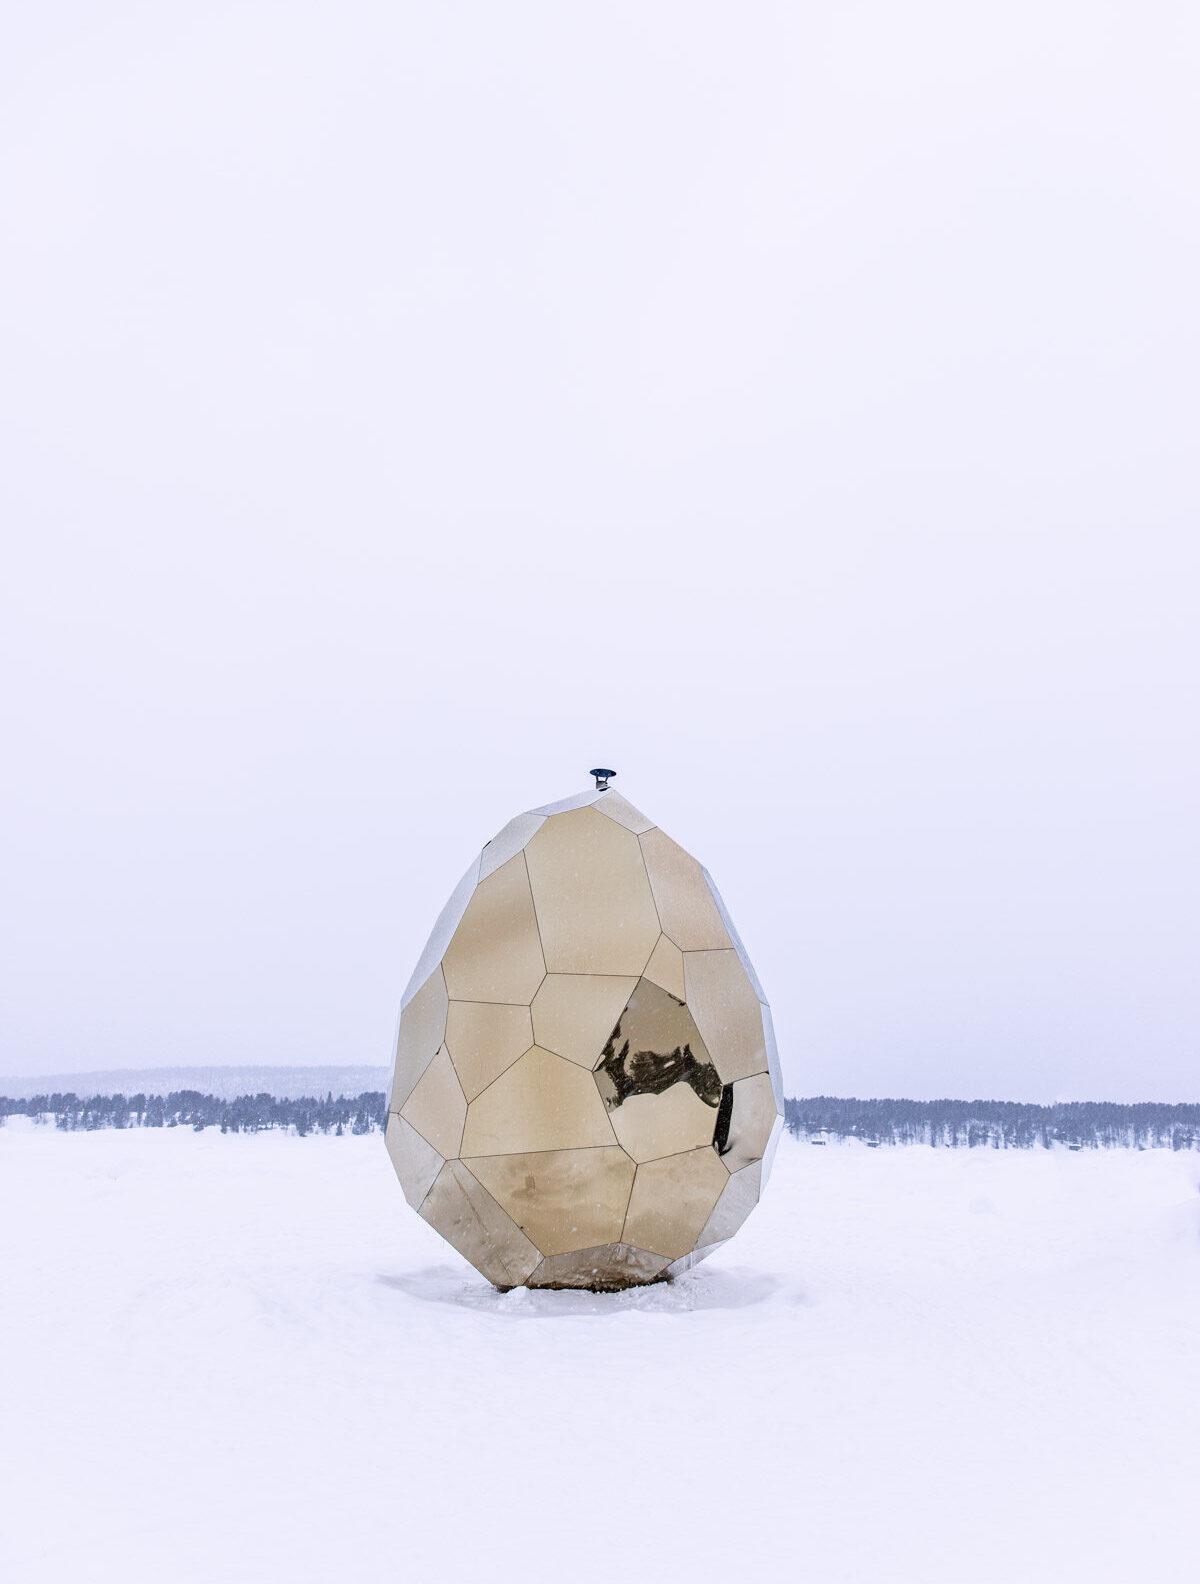 solar-egg-sauna-äggbastu